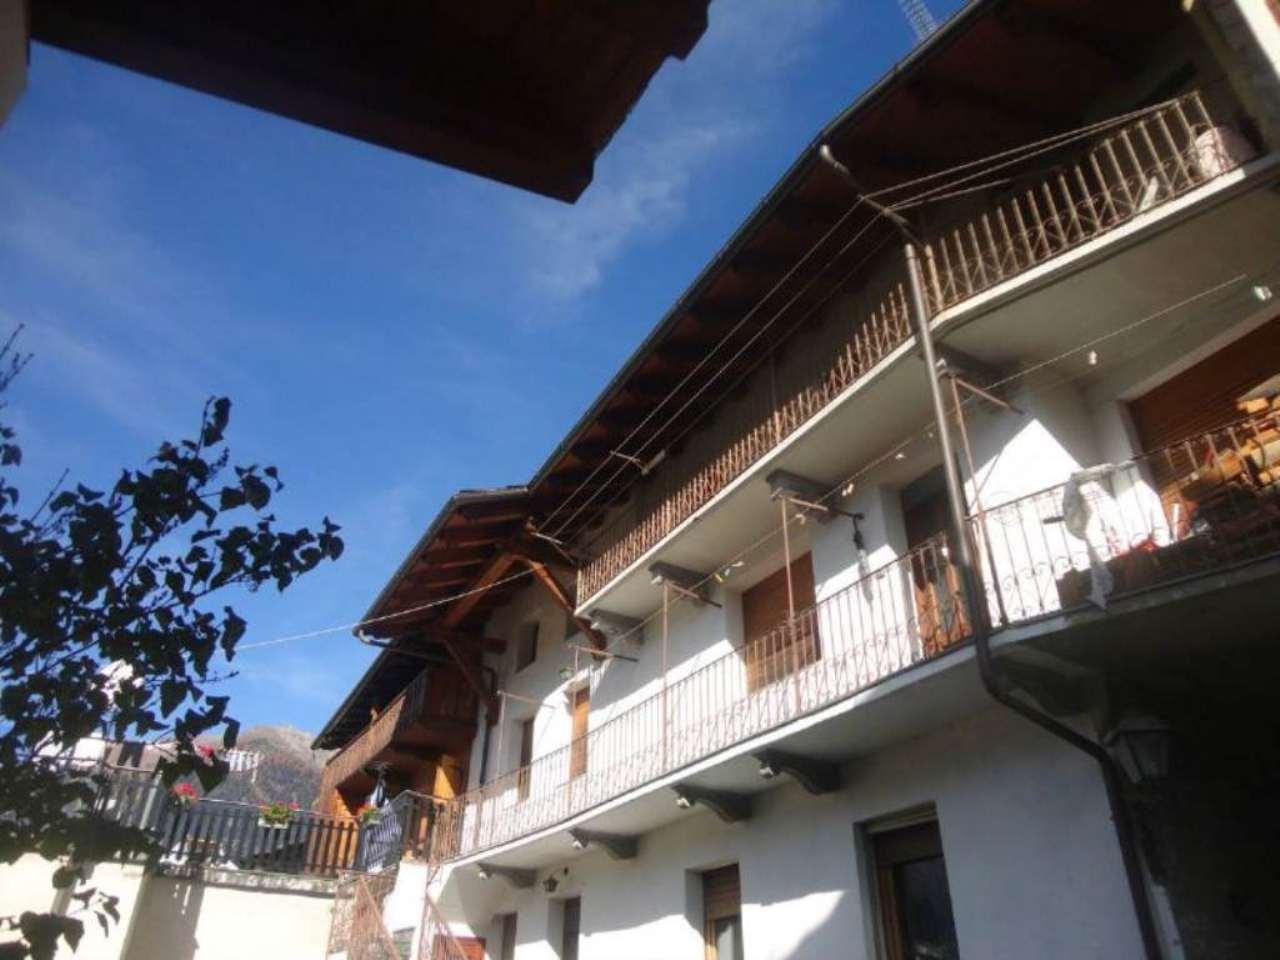 Palazzo / Stabile in vendita a La Salle, 9 locali, Trattative riservate | Cambio Casa.it